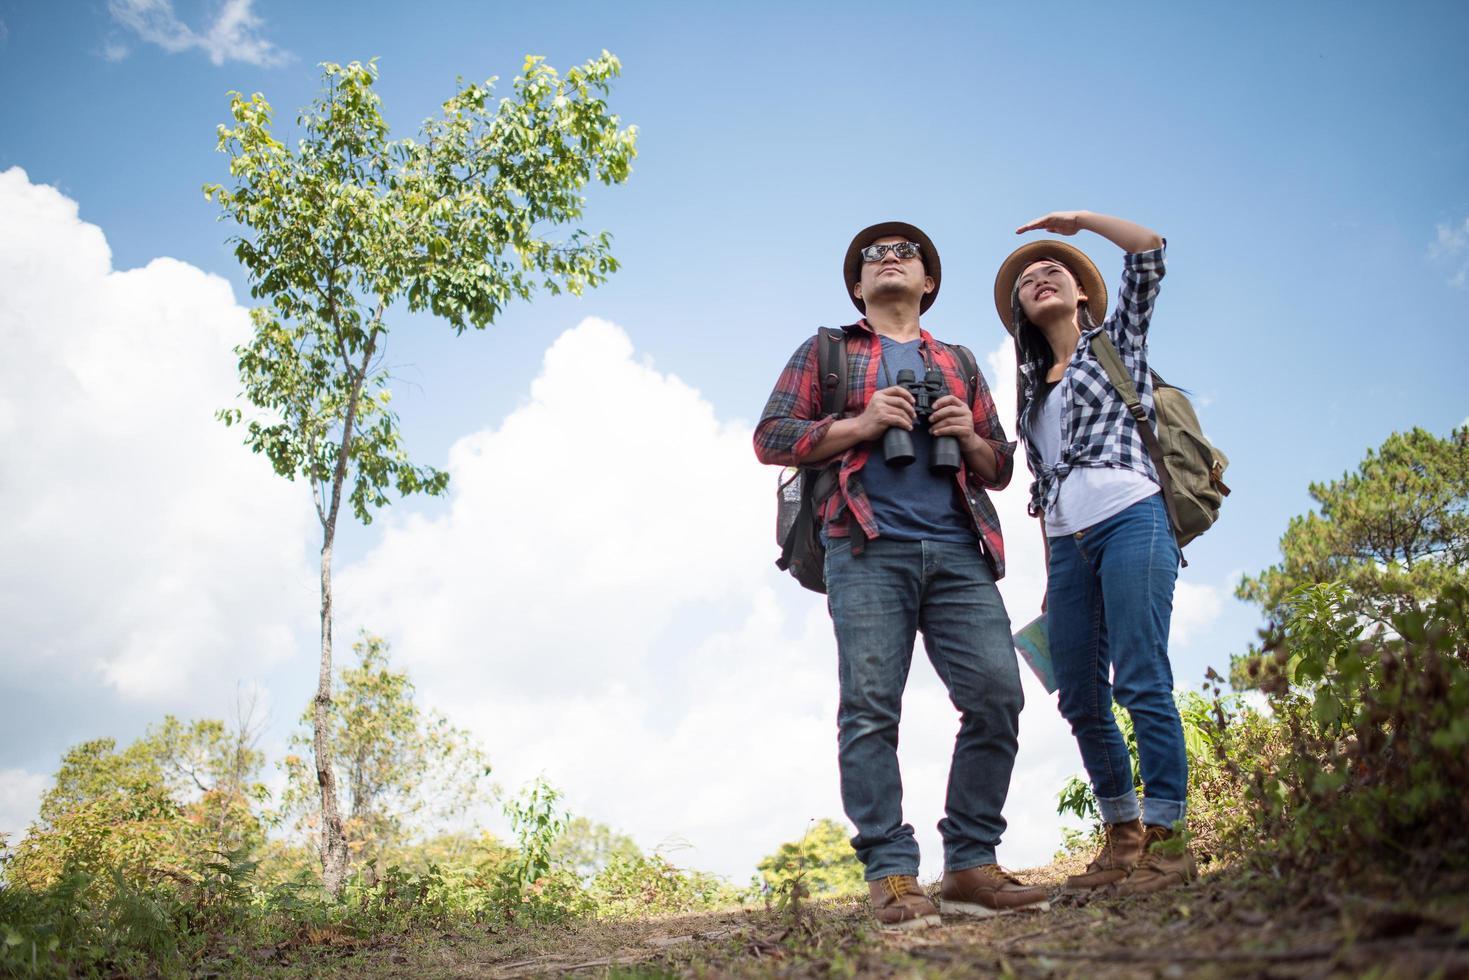 Deux jeunes voyageurs avec des sacs à dos dans la jungle verte photo